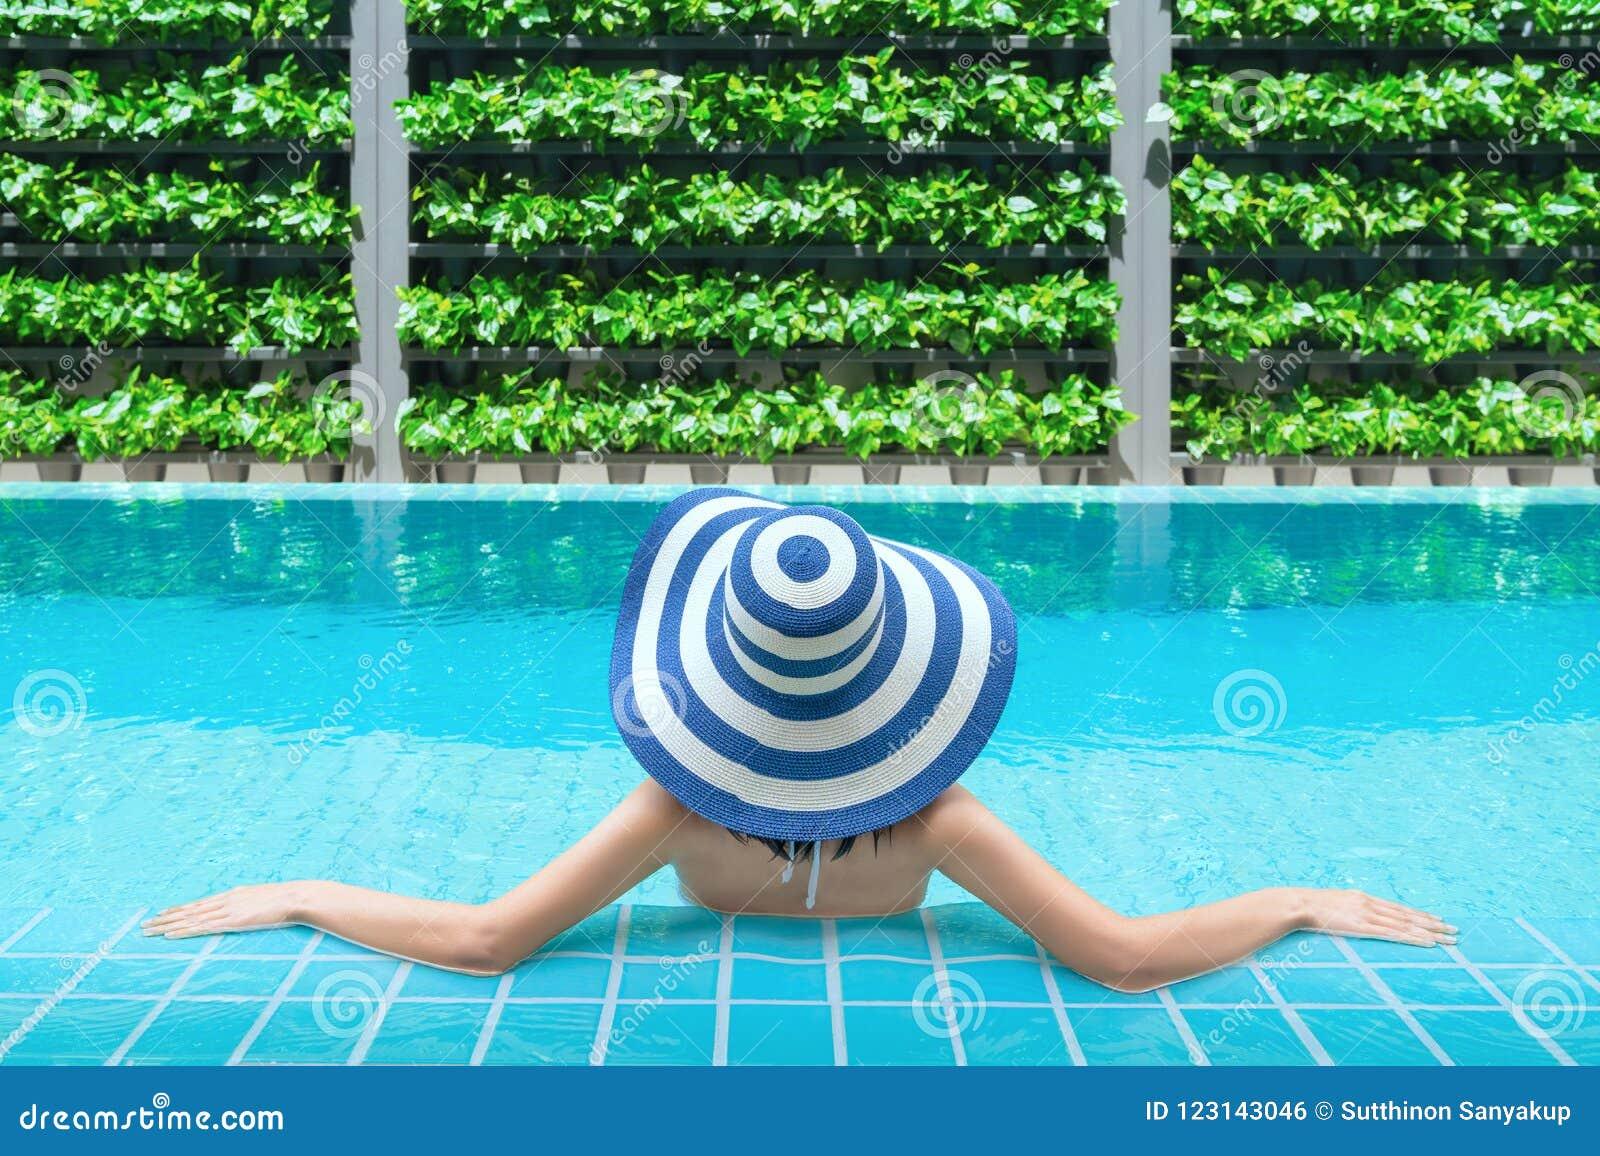 放松在游泳池的年轻亚裔妇女在温泉渡假胜地 放松的概念 妇女是松弛在游泳池边